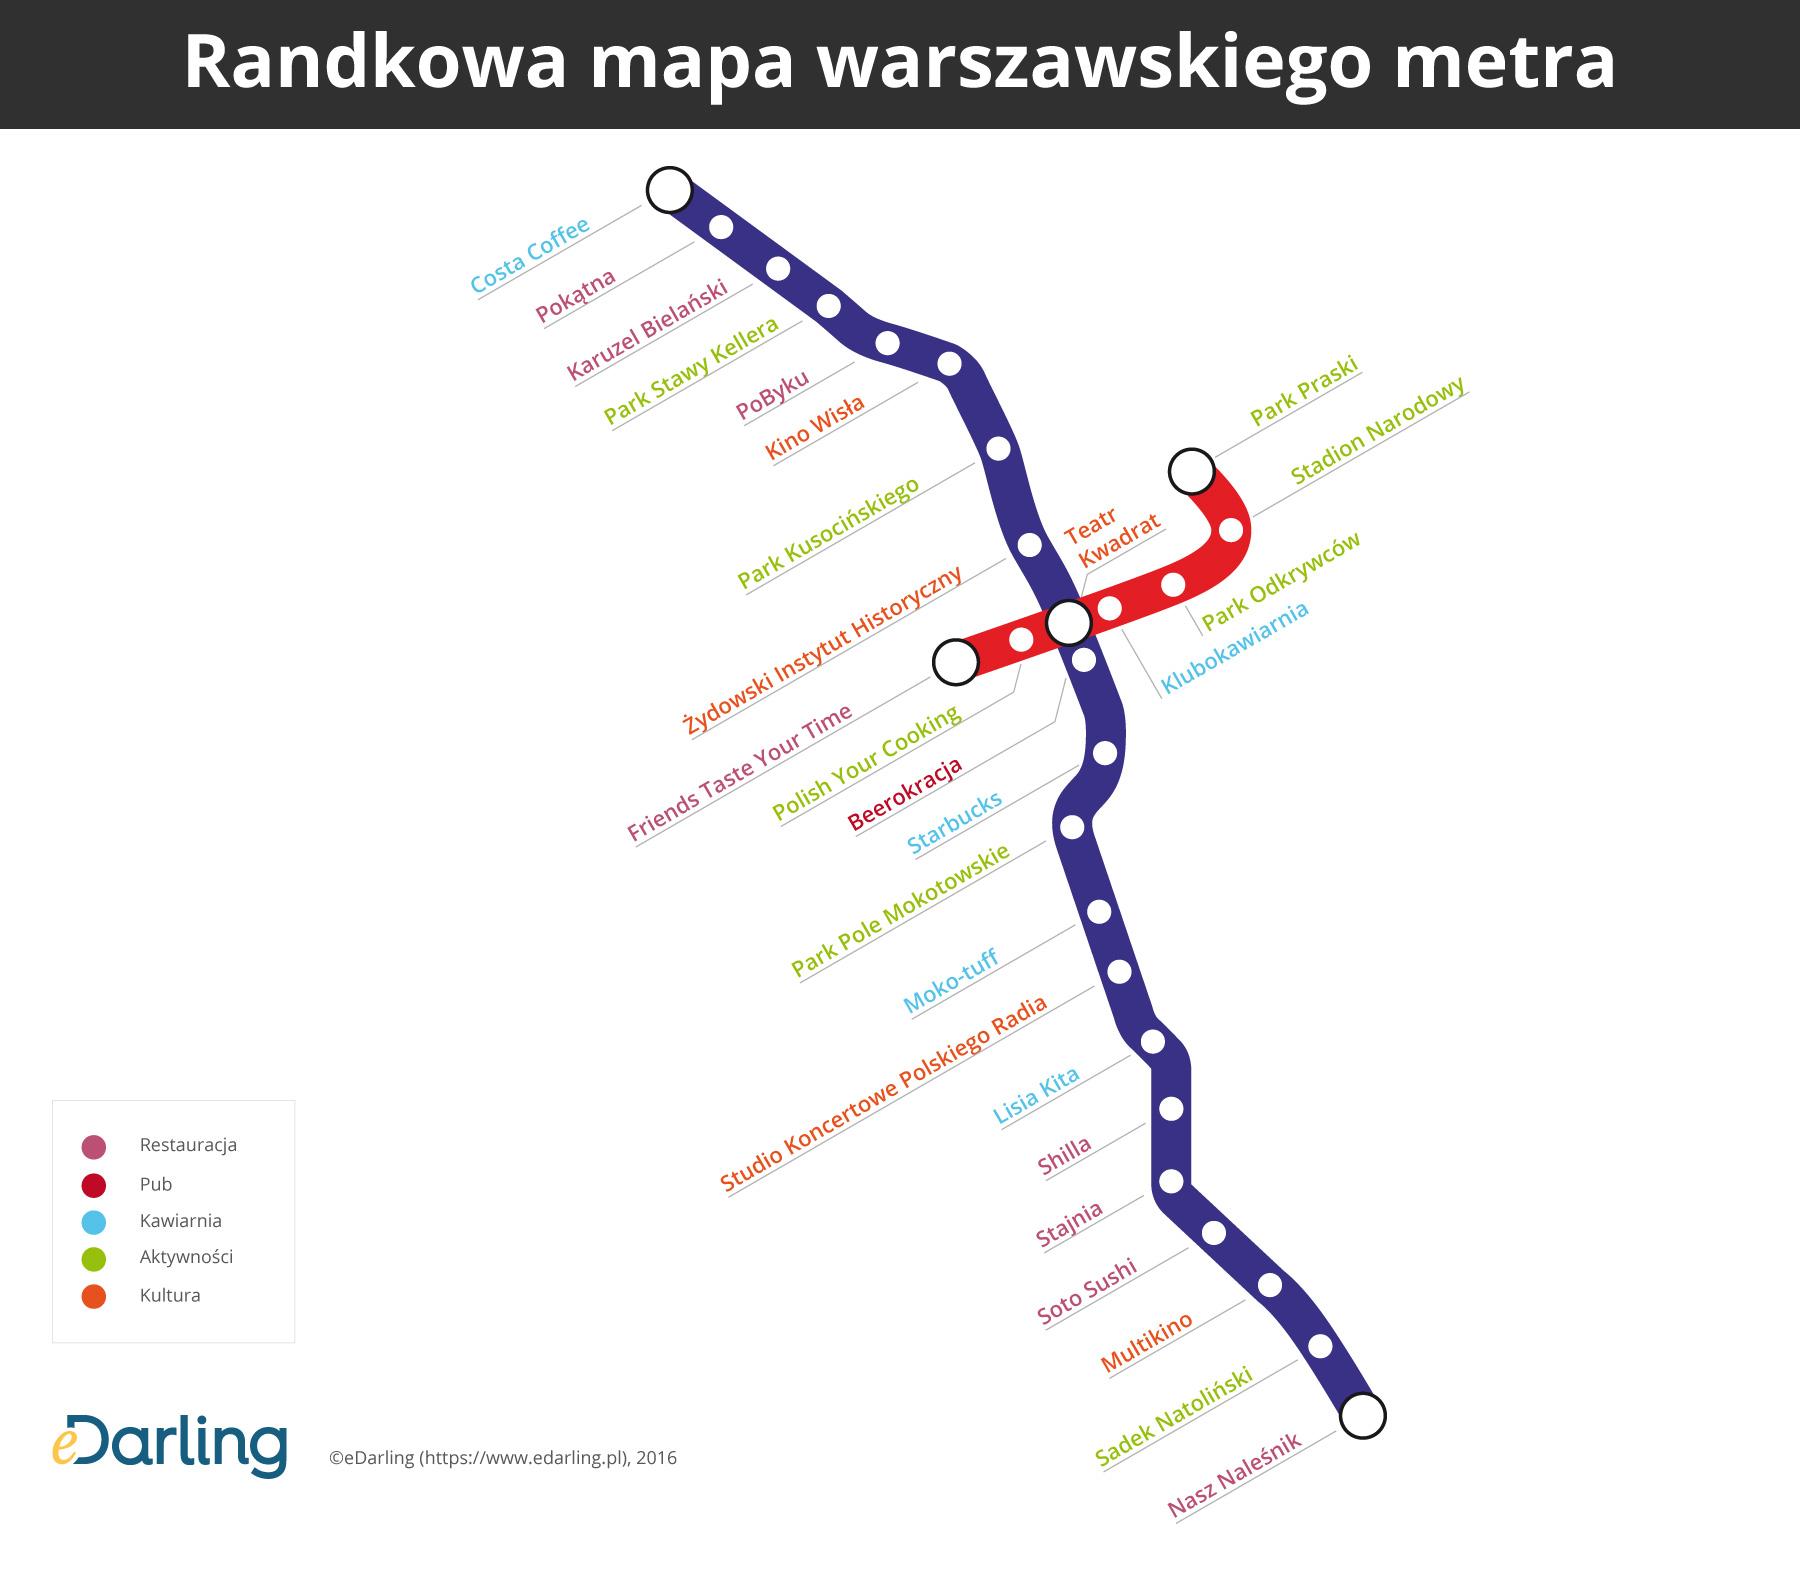 mapa metra warszawa Powstała randkowa mapa dla singli podróżujących metrem [MAPA